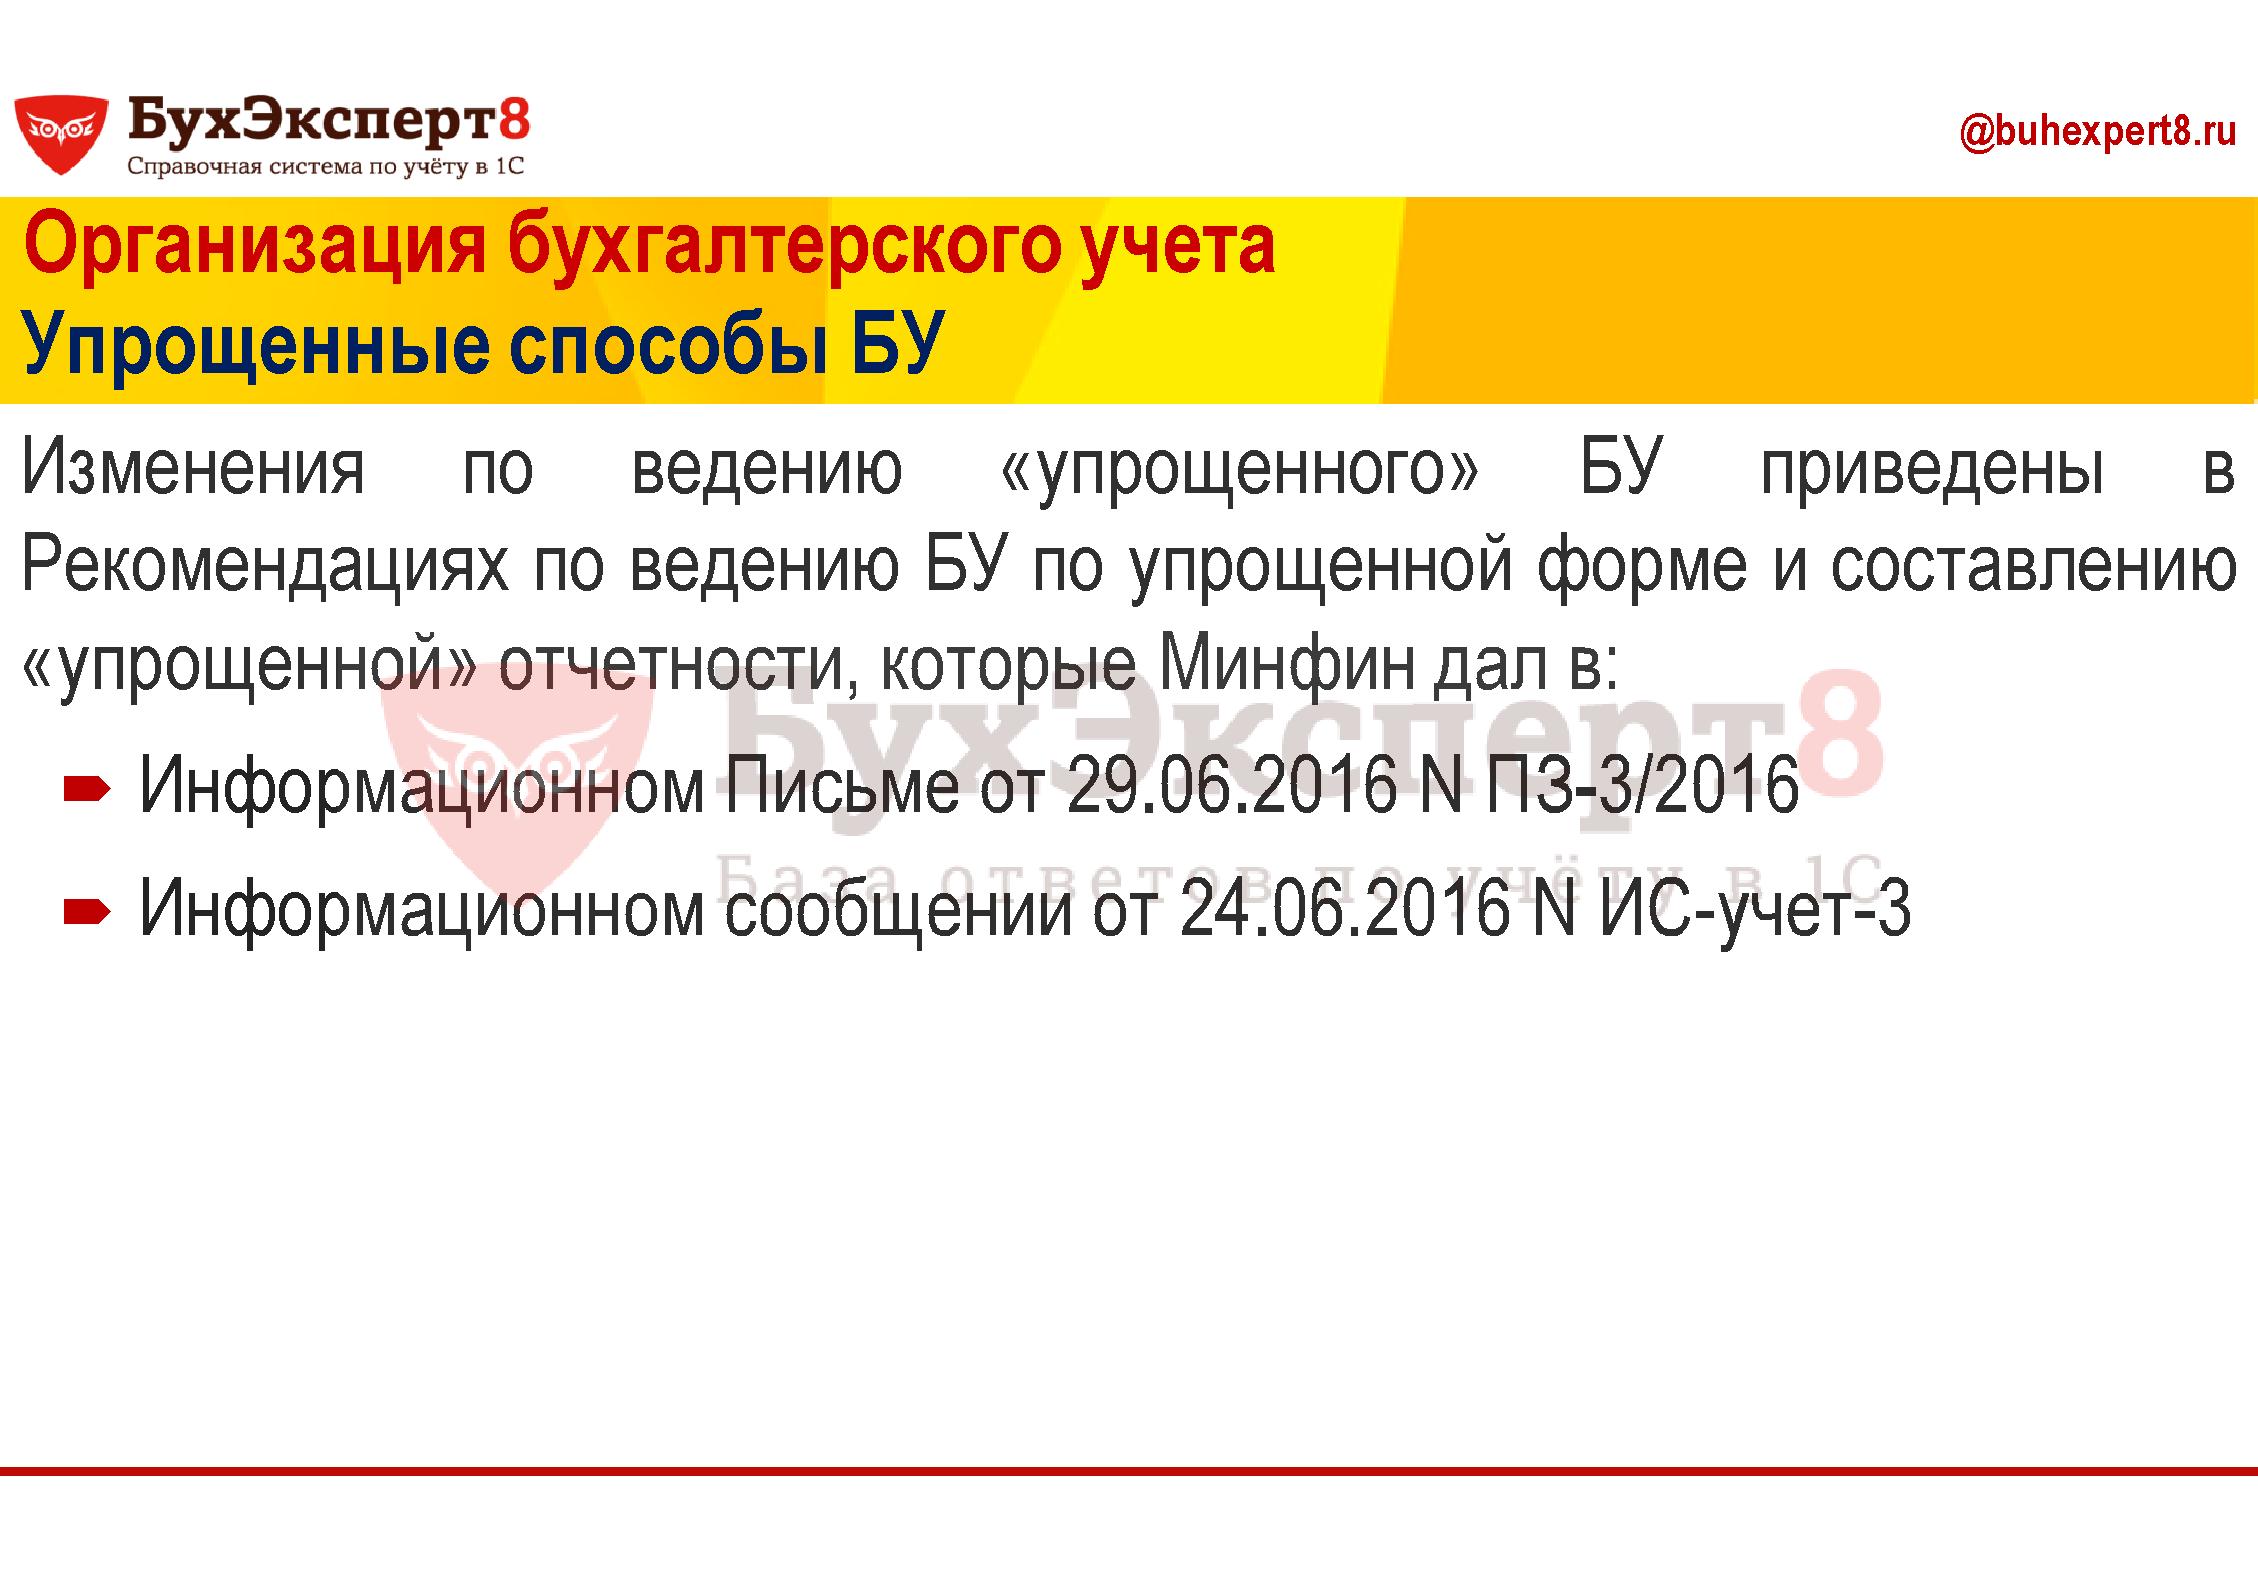 Изменения по ведению «упрощенного» БУ приведены в Рекомендациях по ведению БУ по упрощенной форме и составлению «упрощенной» отчетности, которые Минфин дал в: Информационном Письме от 29.06.2016 N ПЗ-3/2016 Информационном сообщении от 24.06.2016 N ИС-учет-3